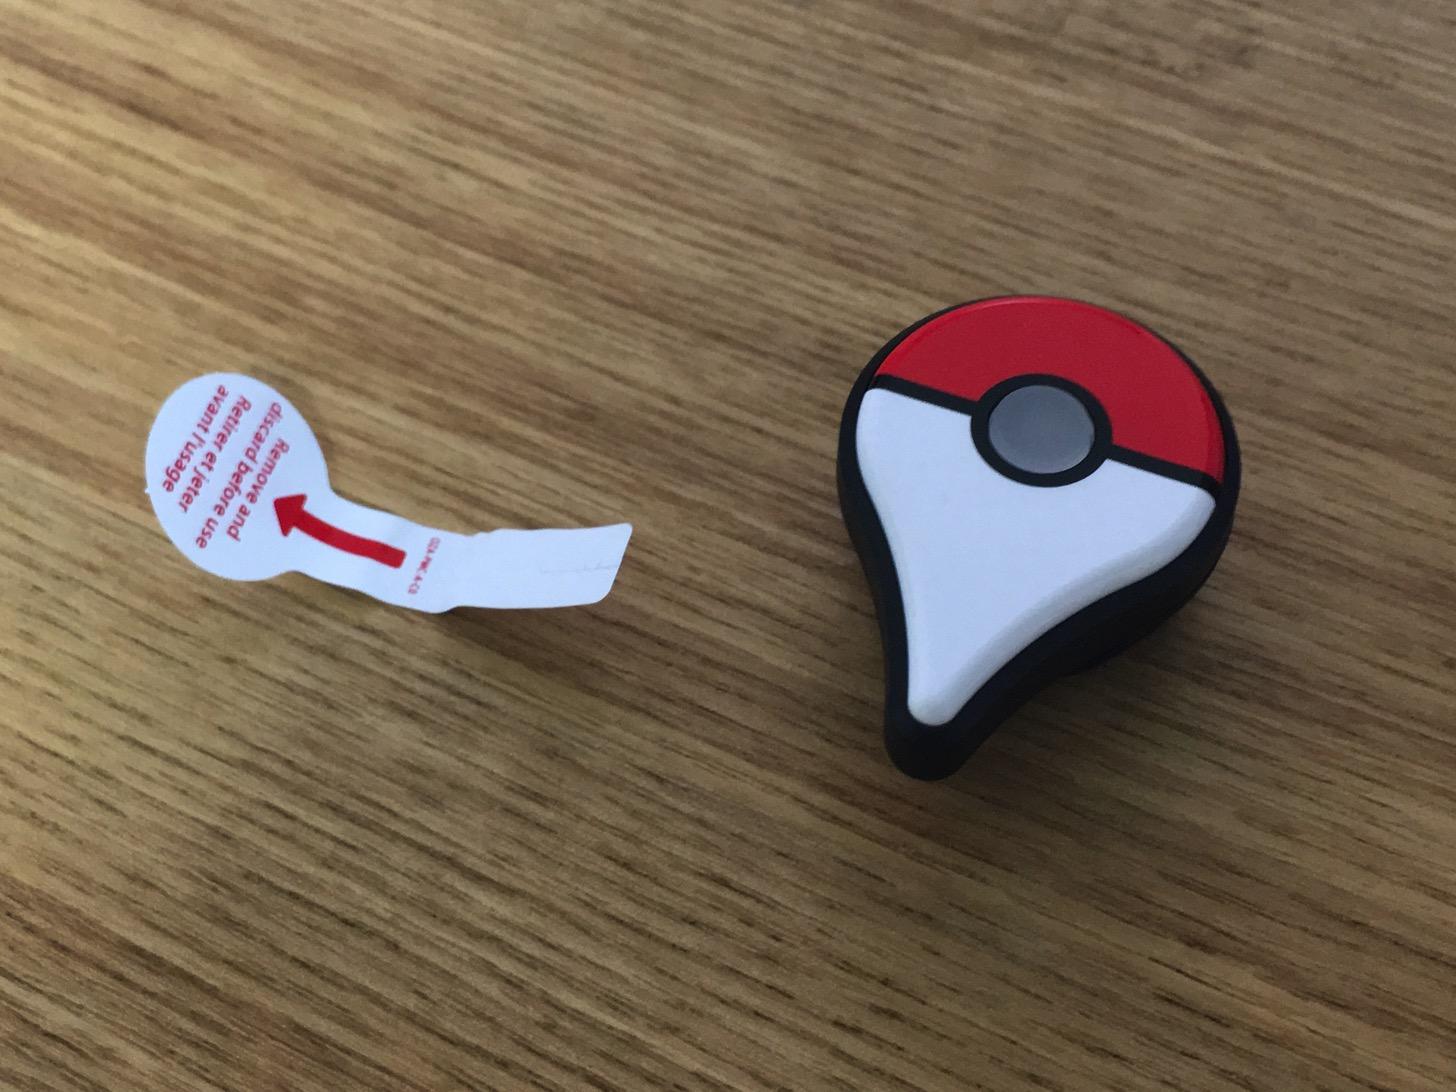 Pokémon GO Plusの絶縁シートを外す。